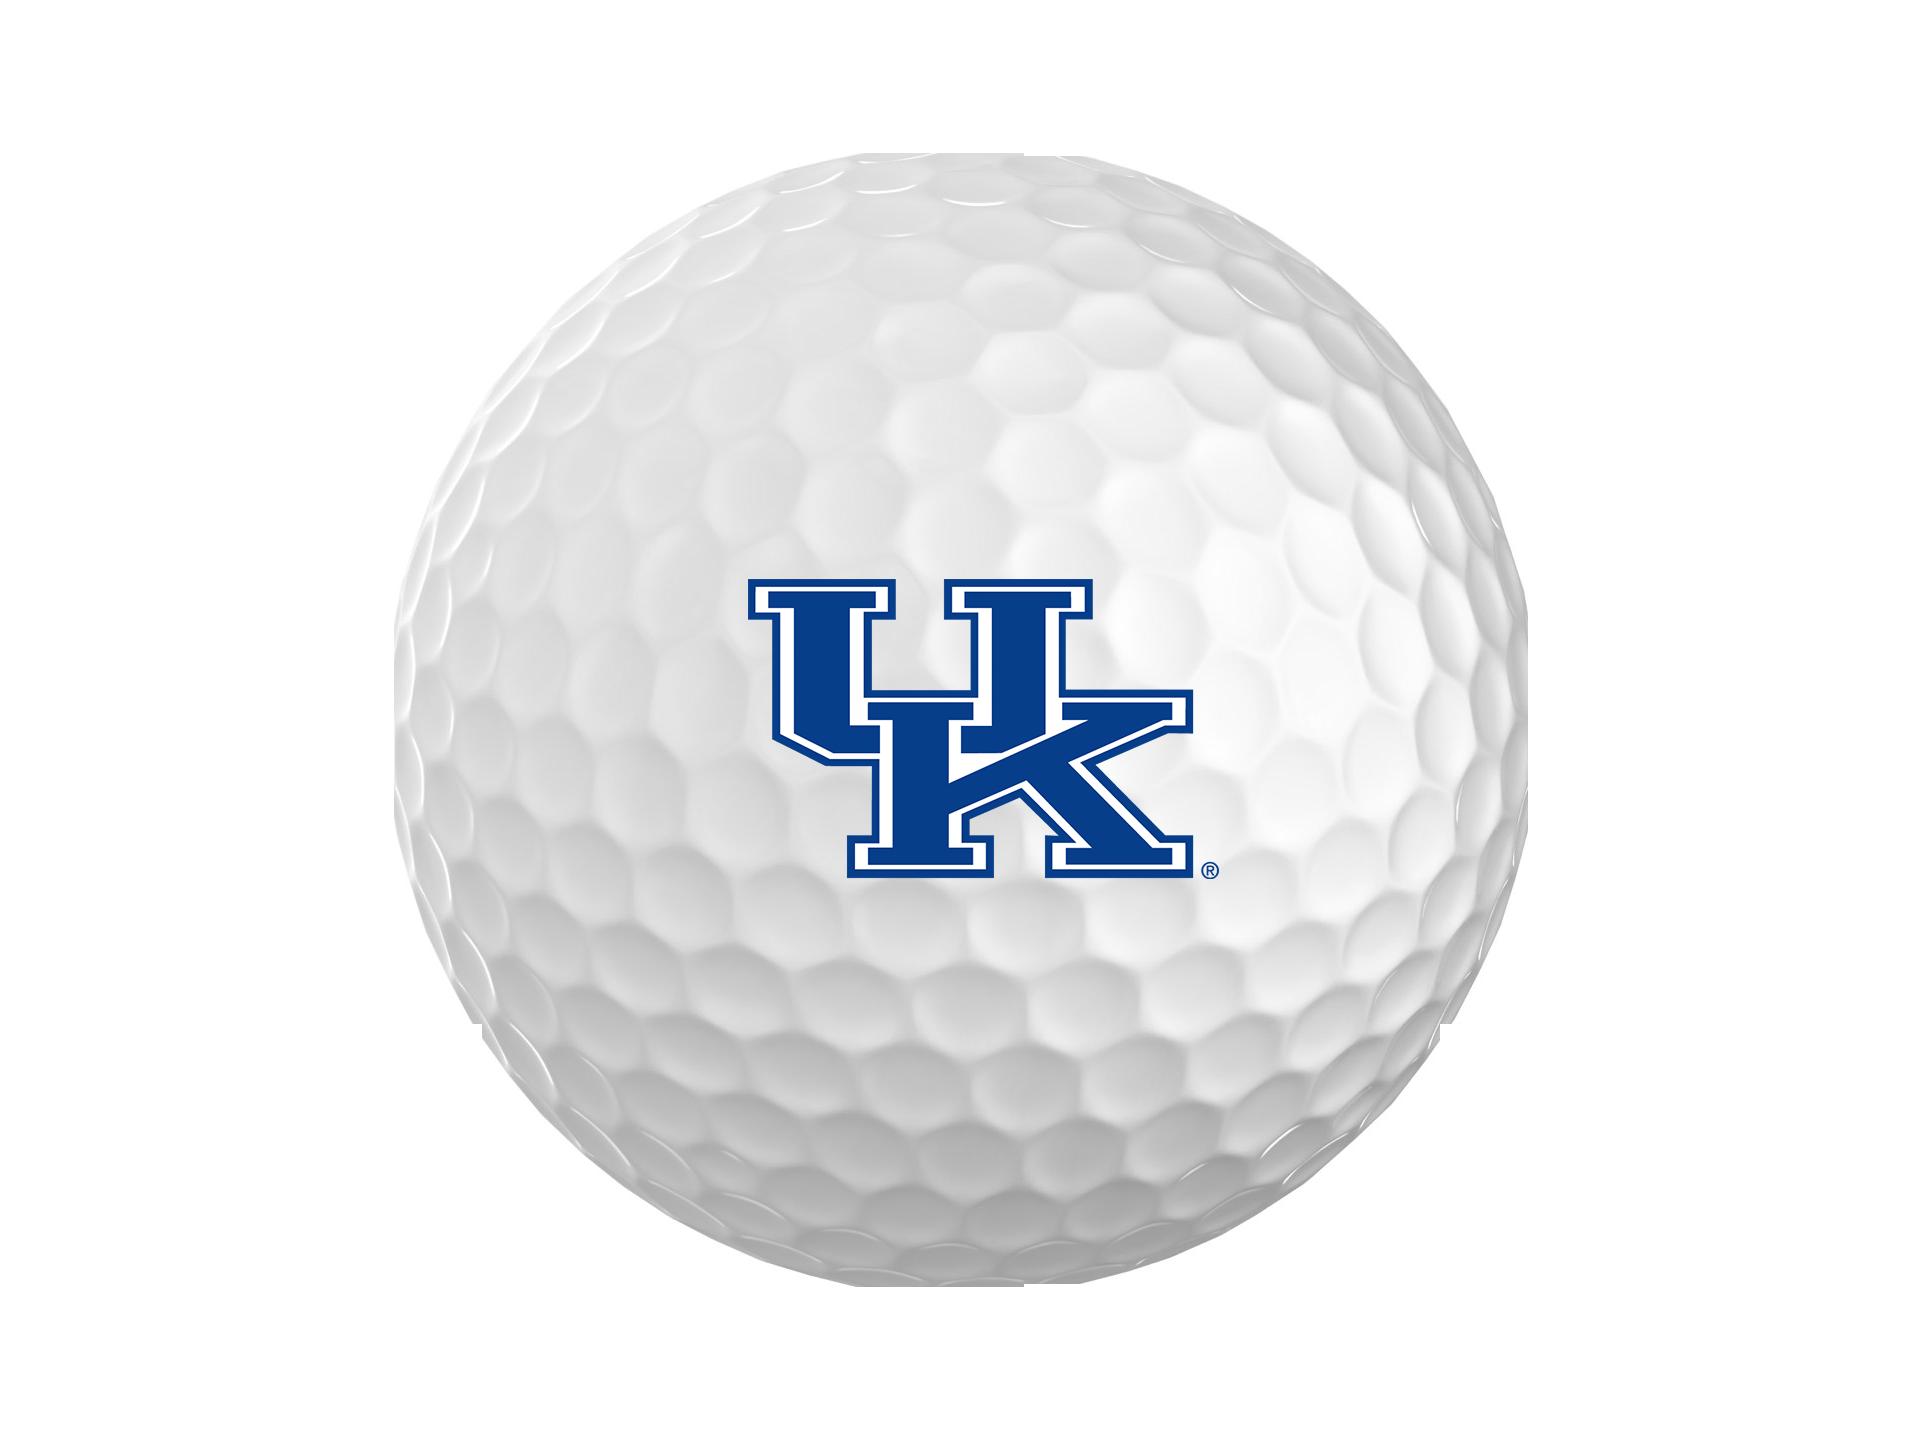 Photo transparentpng . Clipart grass golf ball